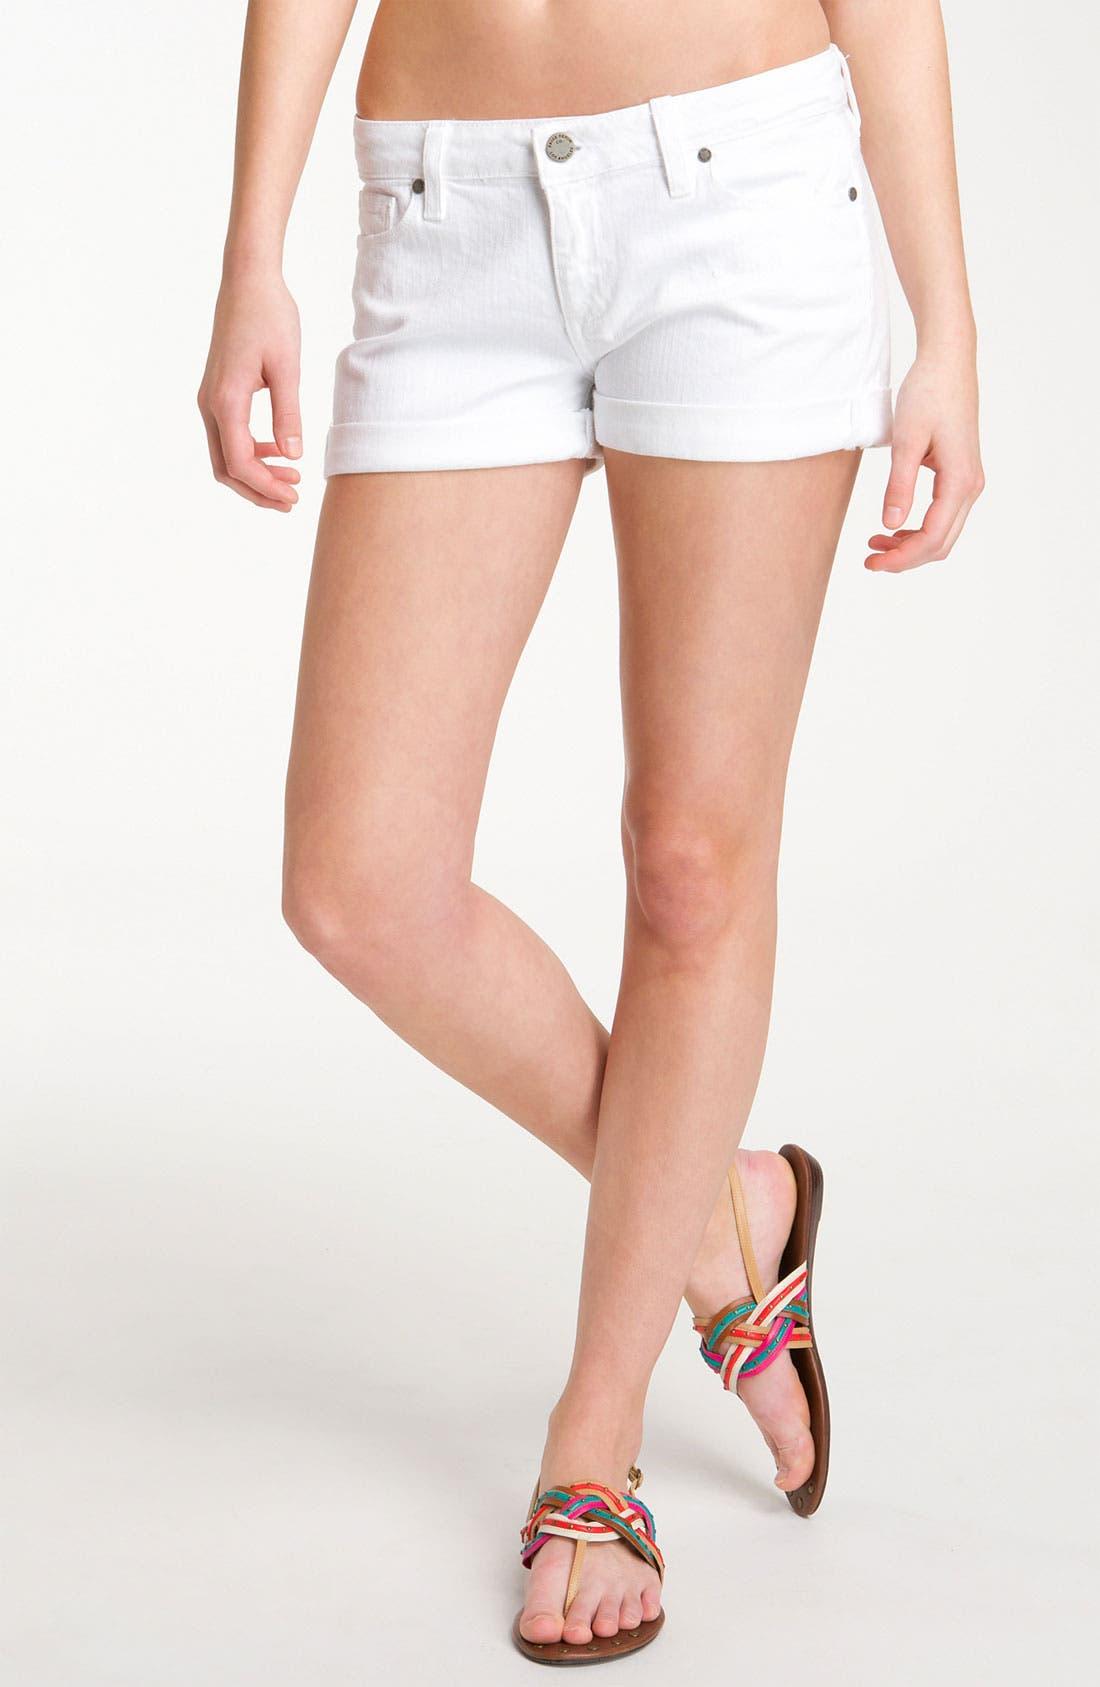 Alternate Image 1 Selected - Paige Denim 'Jimmy Jimmy' Shorts (Optic White)